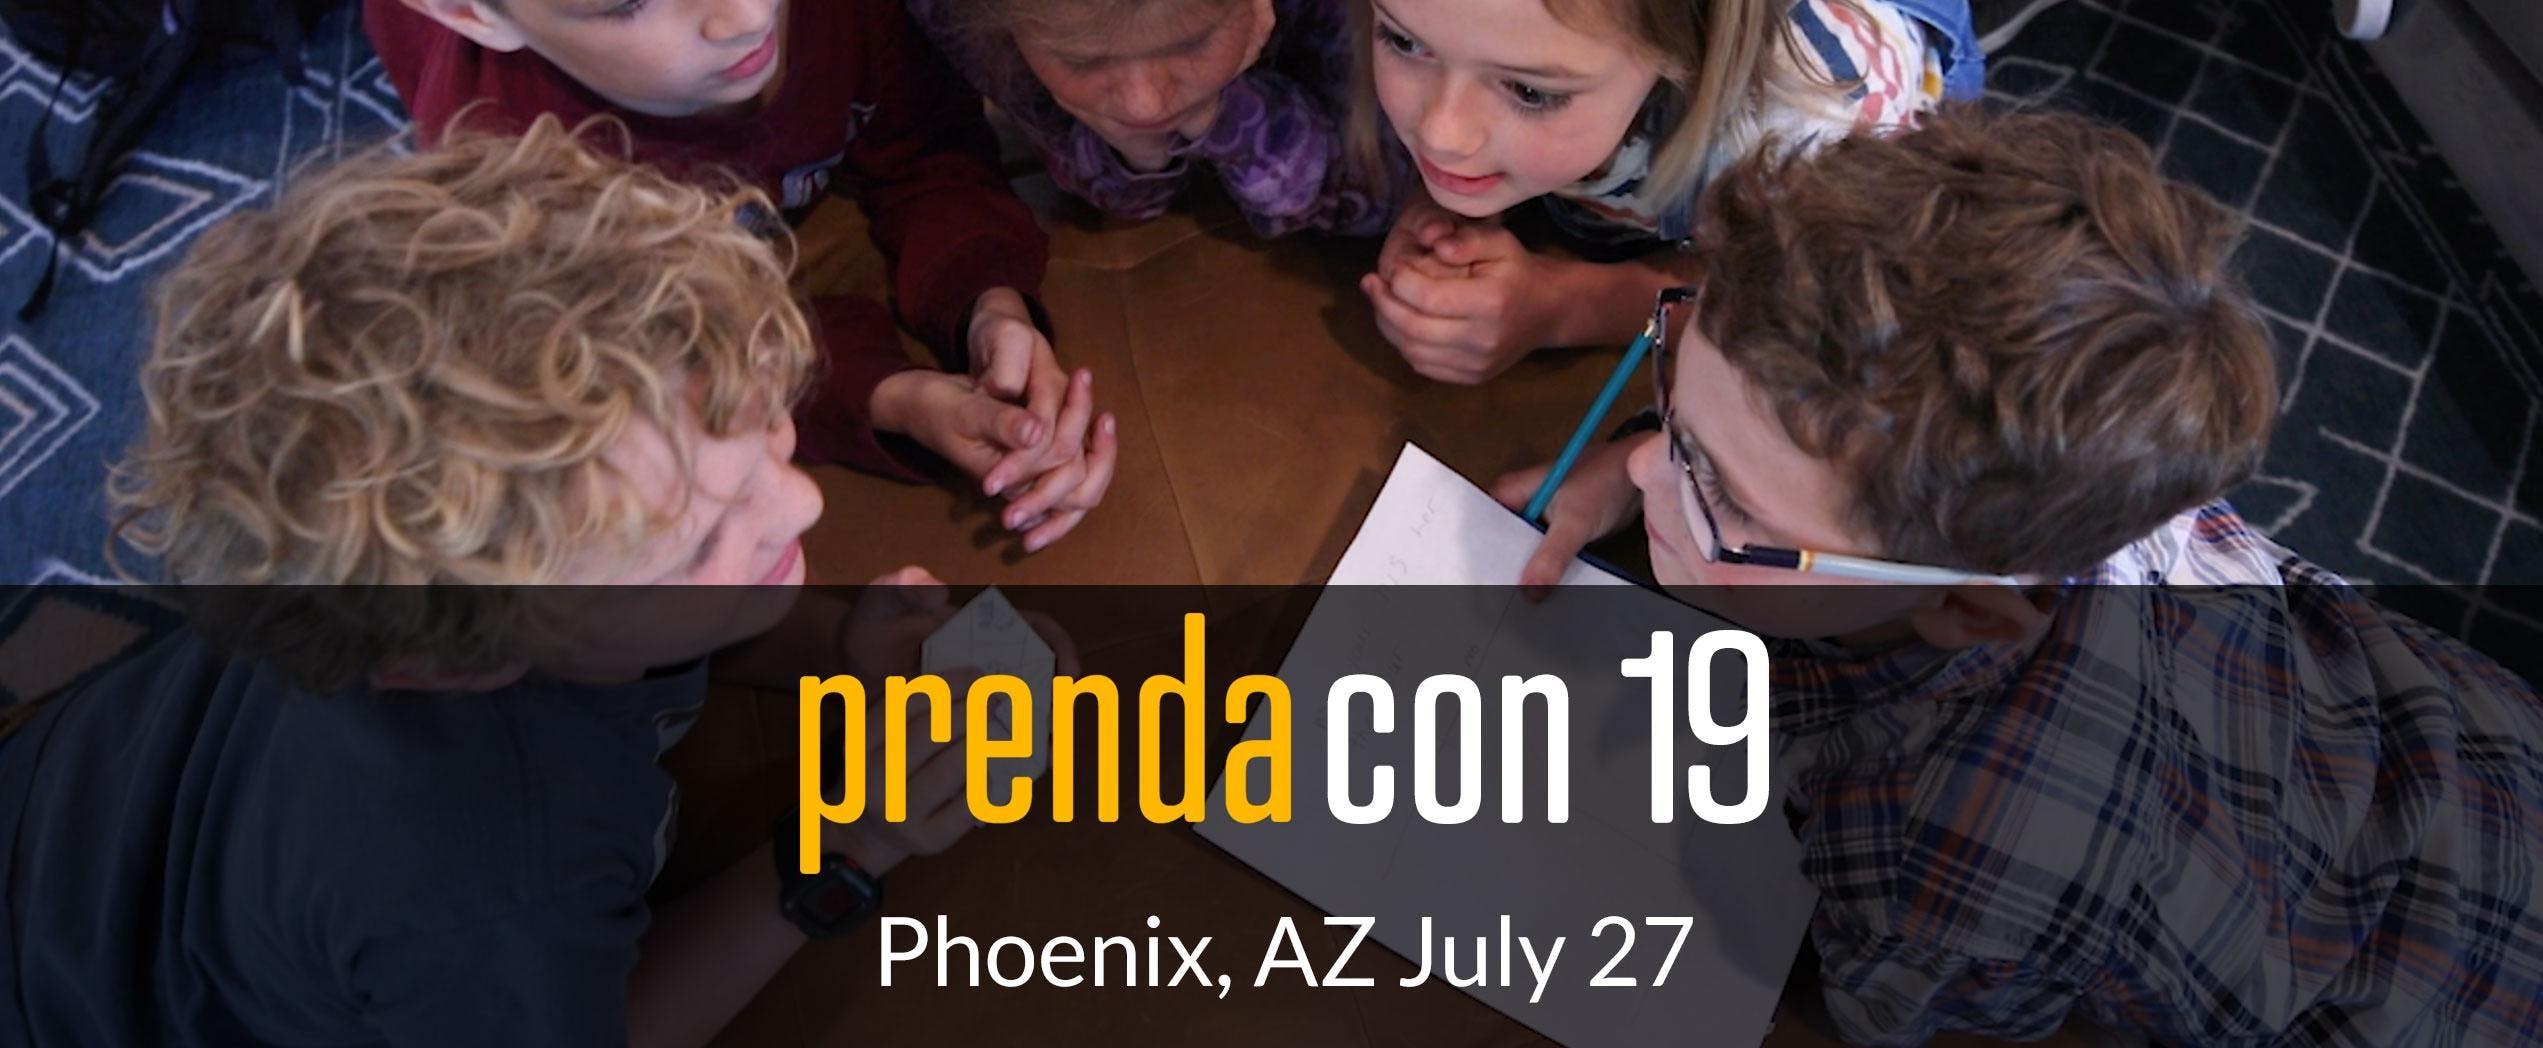 Prenda Conference 2019